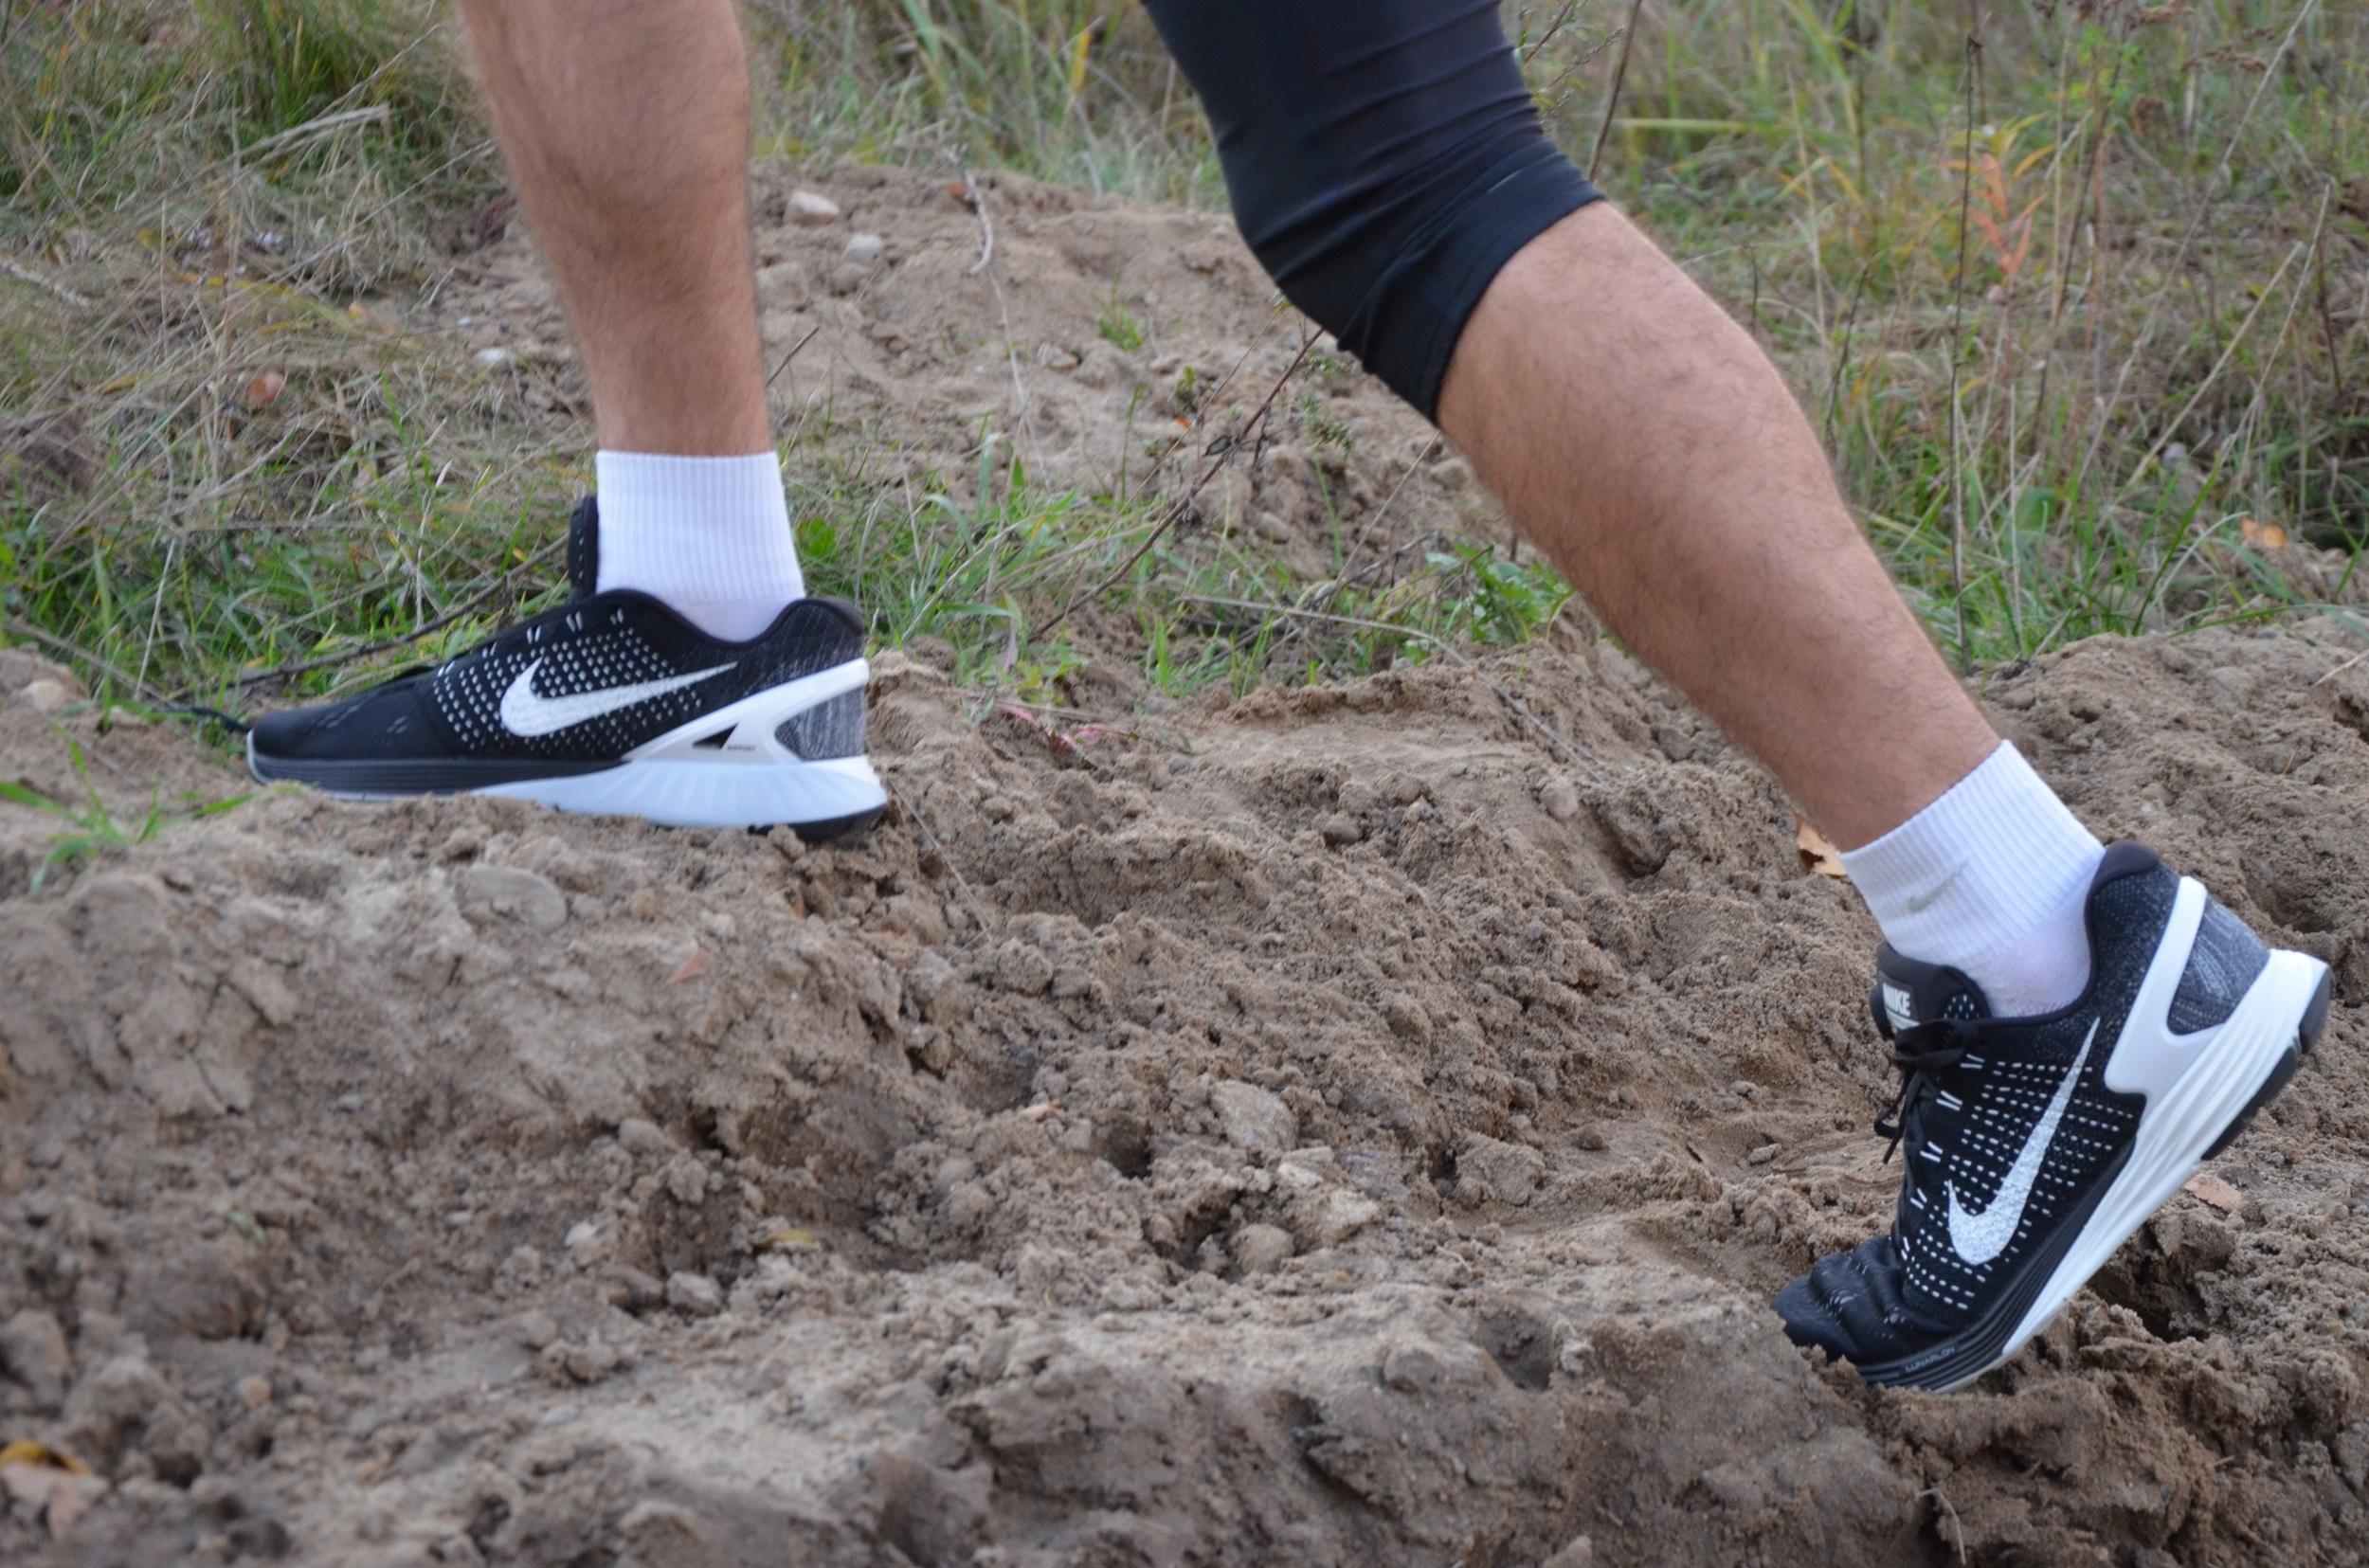 98b8bb45 Staram się doradzać Wam przy doborze butów do biegania. Postanowiłem także  napisać w skrócie w jakich butach biegowych Nike ostatnio biegałem, na co  zwrócić ...